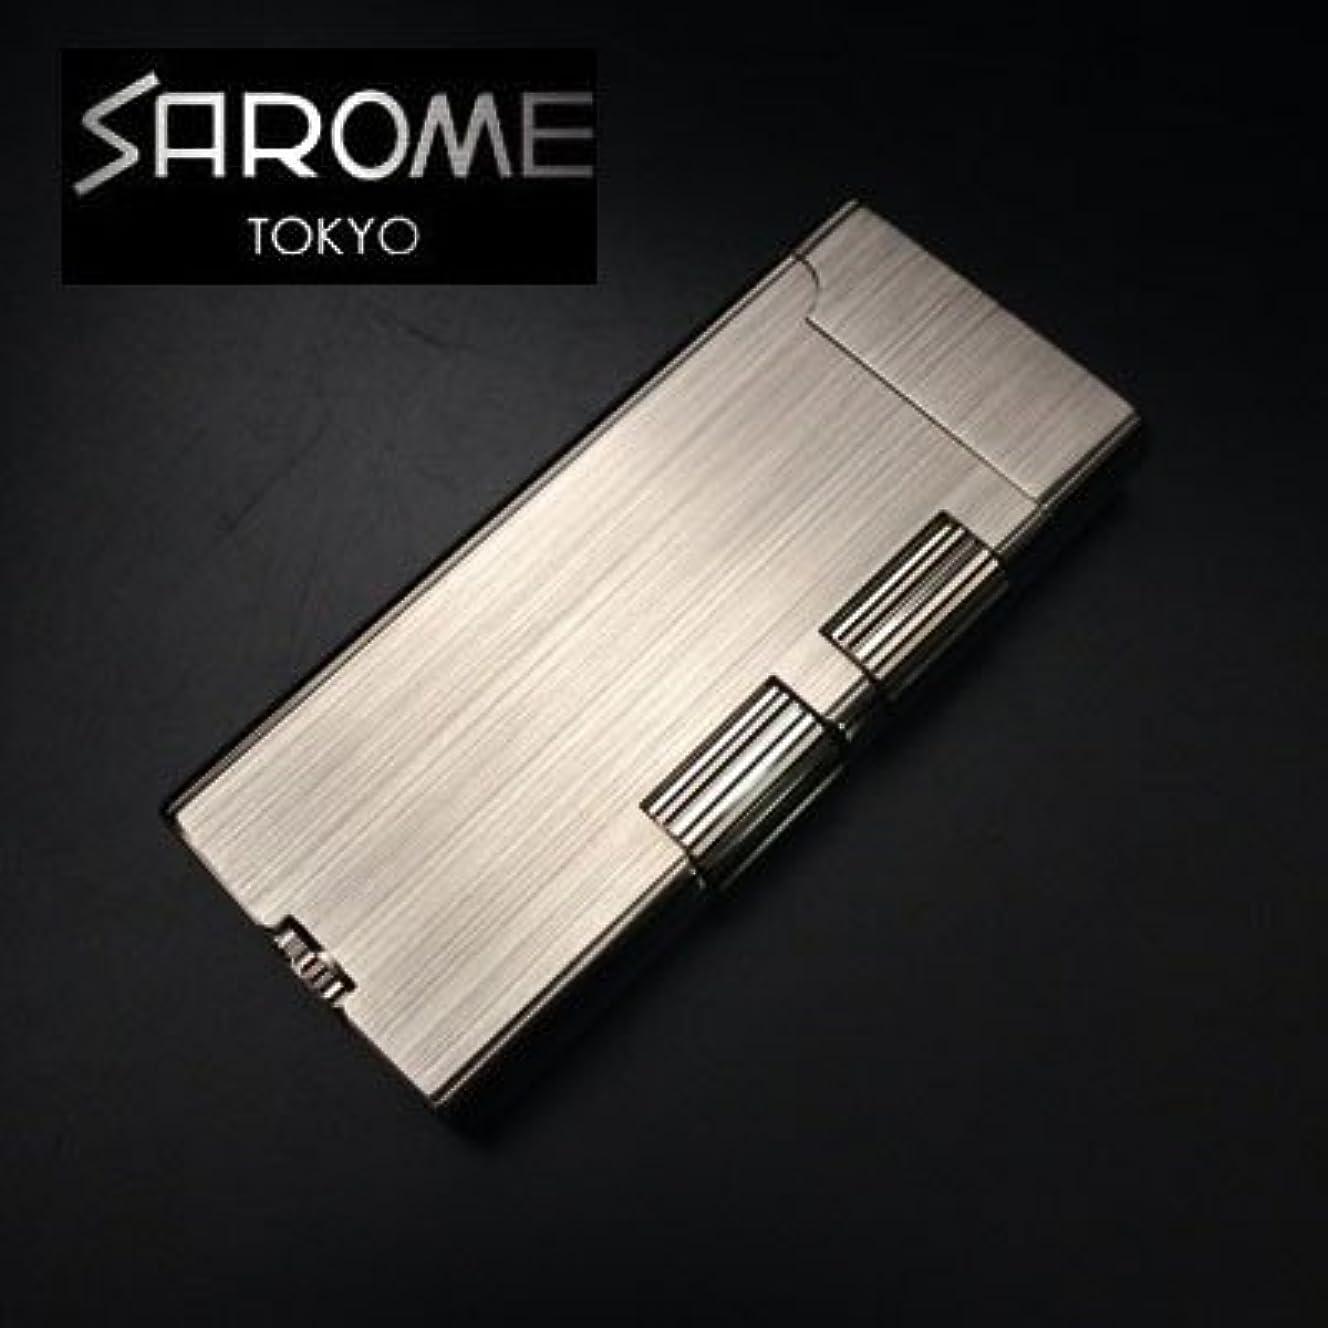 枝コンピューター省略ガスライター SAROME サロメ SD40-05 シルバーヘアライン